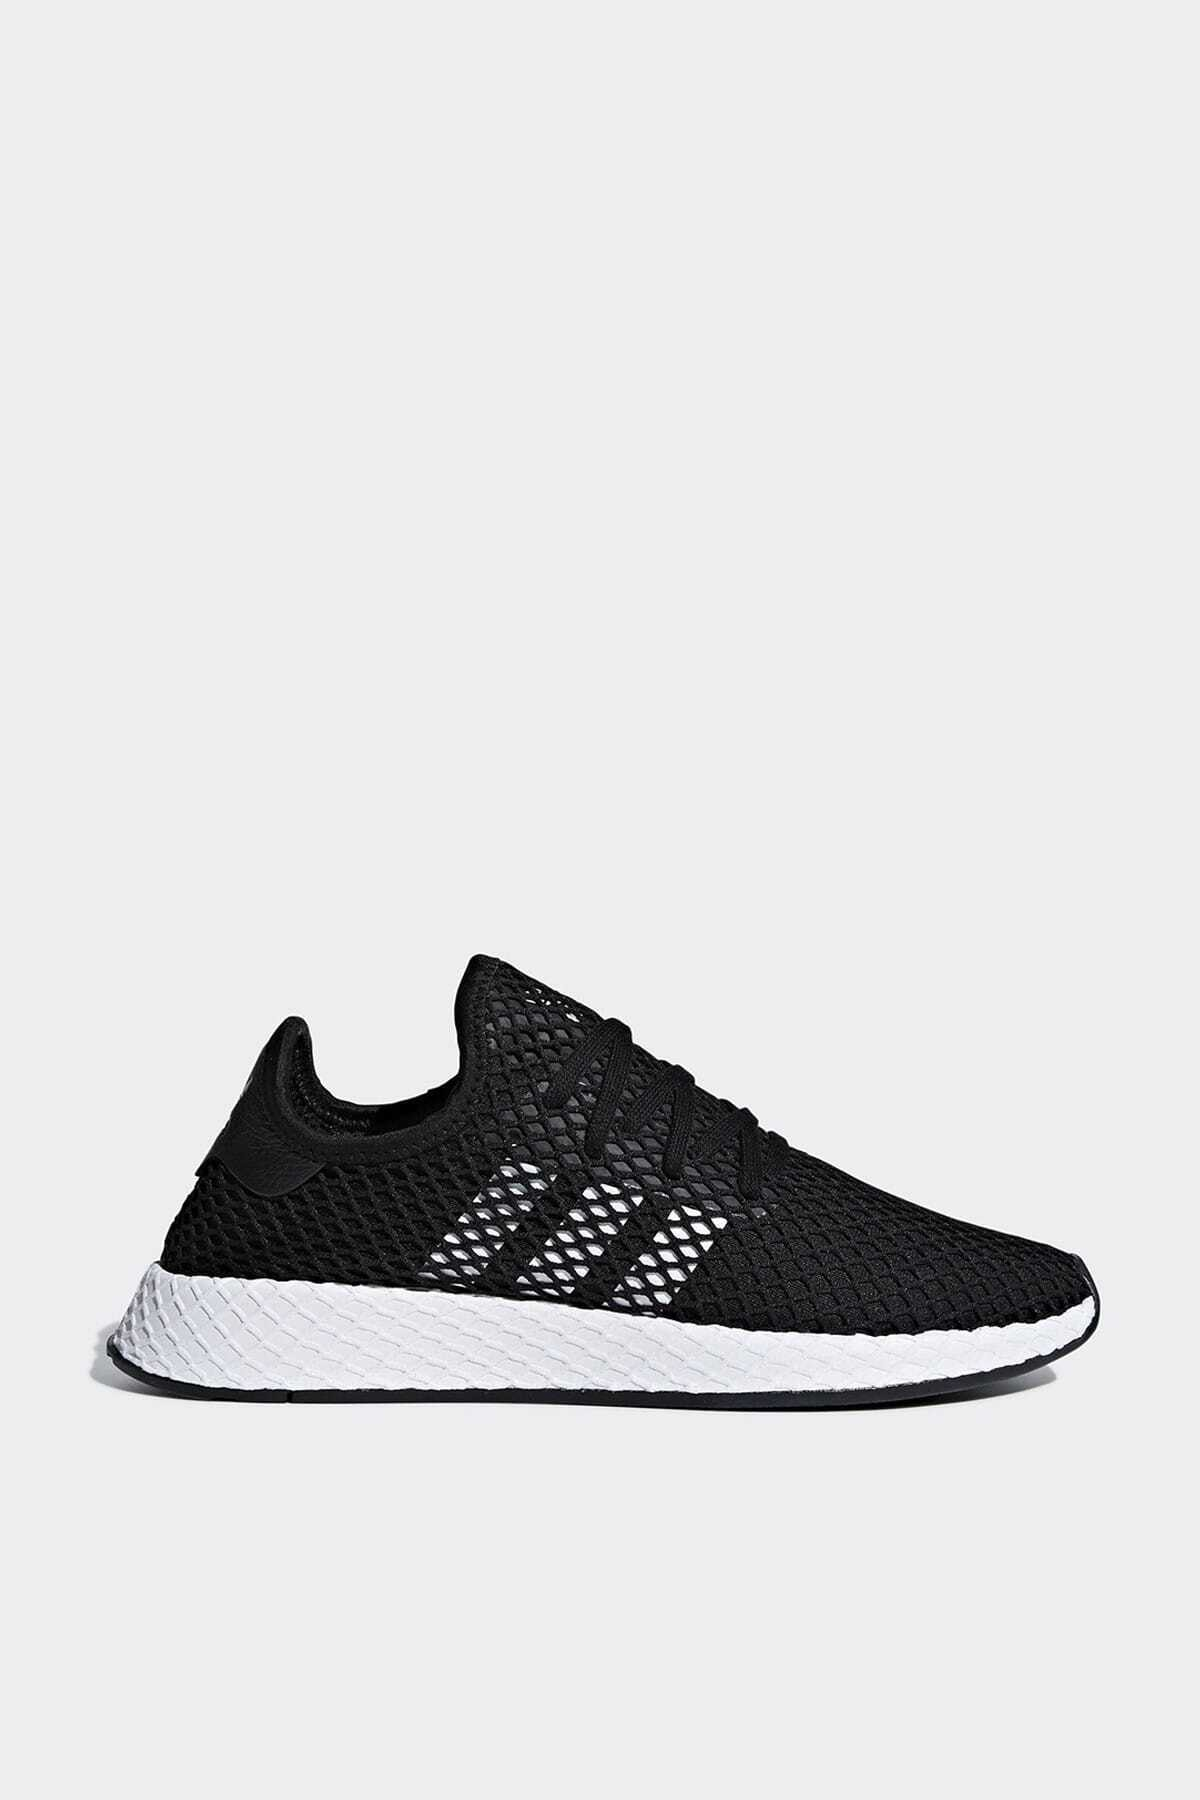 adidas Erkek Günlük Spor Ayakkabı Bd7890 Deerupt Runner 1